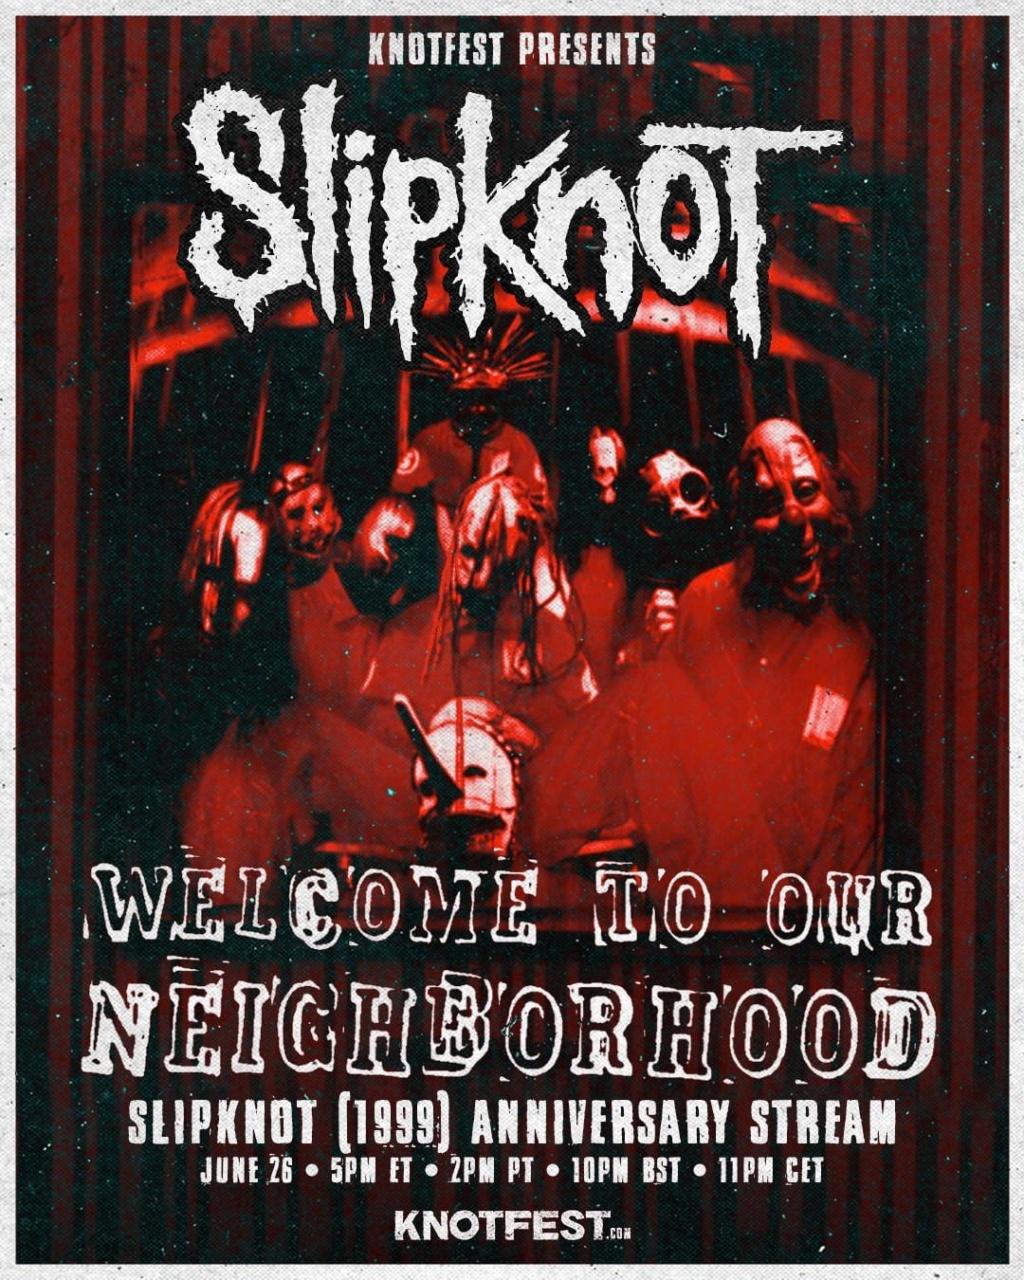 ¿Que opinais sobre SLIPKNOT? - Página 3 D3634d10